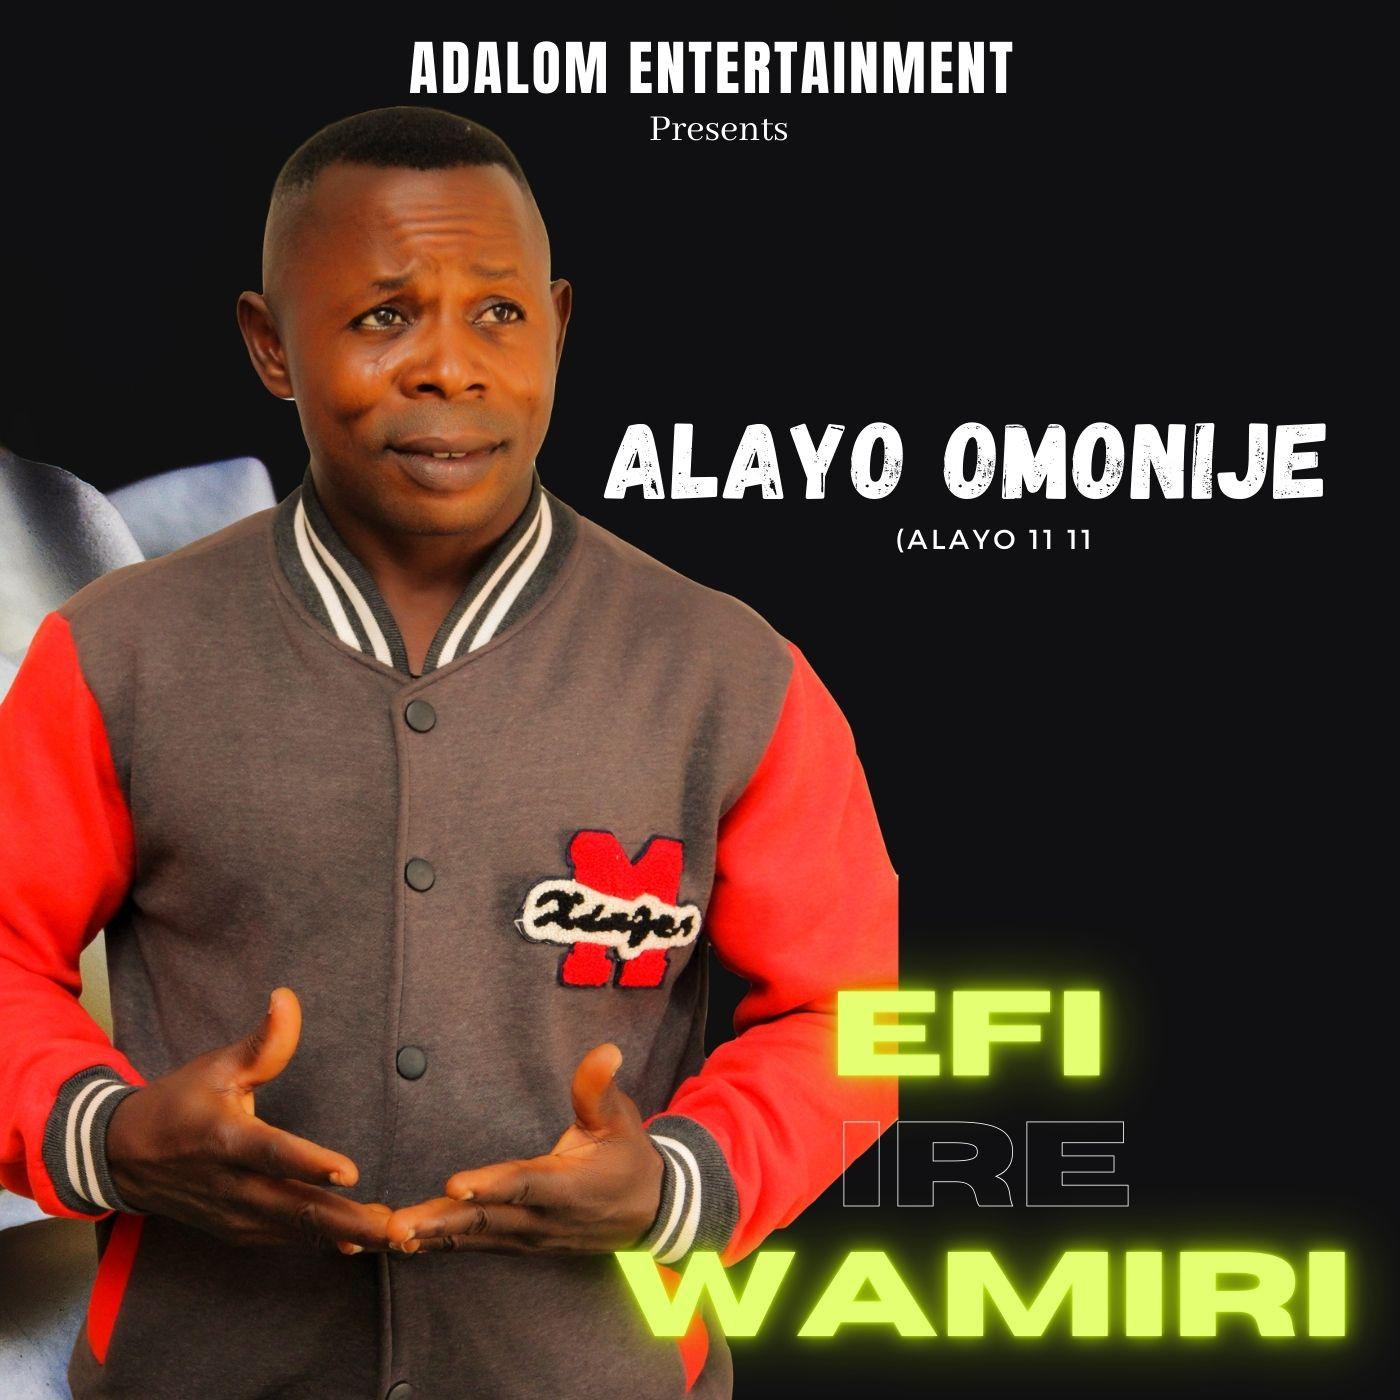 Alayo 11 11- Efi Ire Wamiri